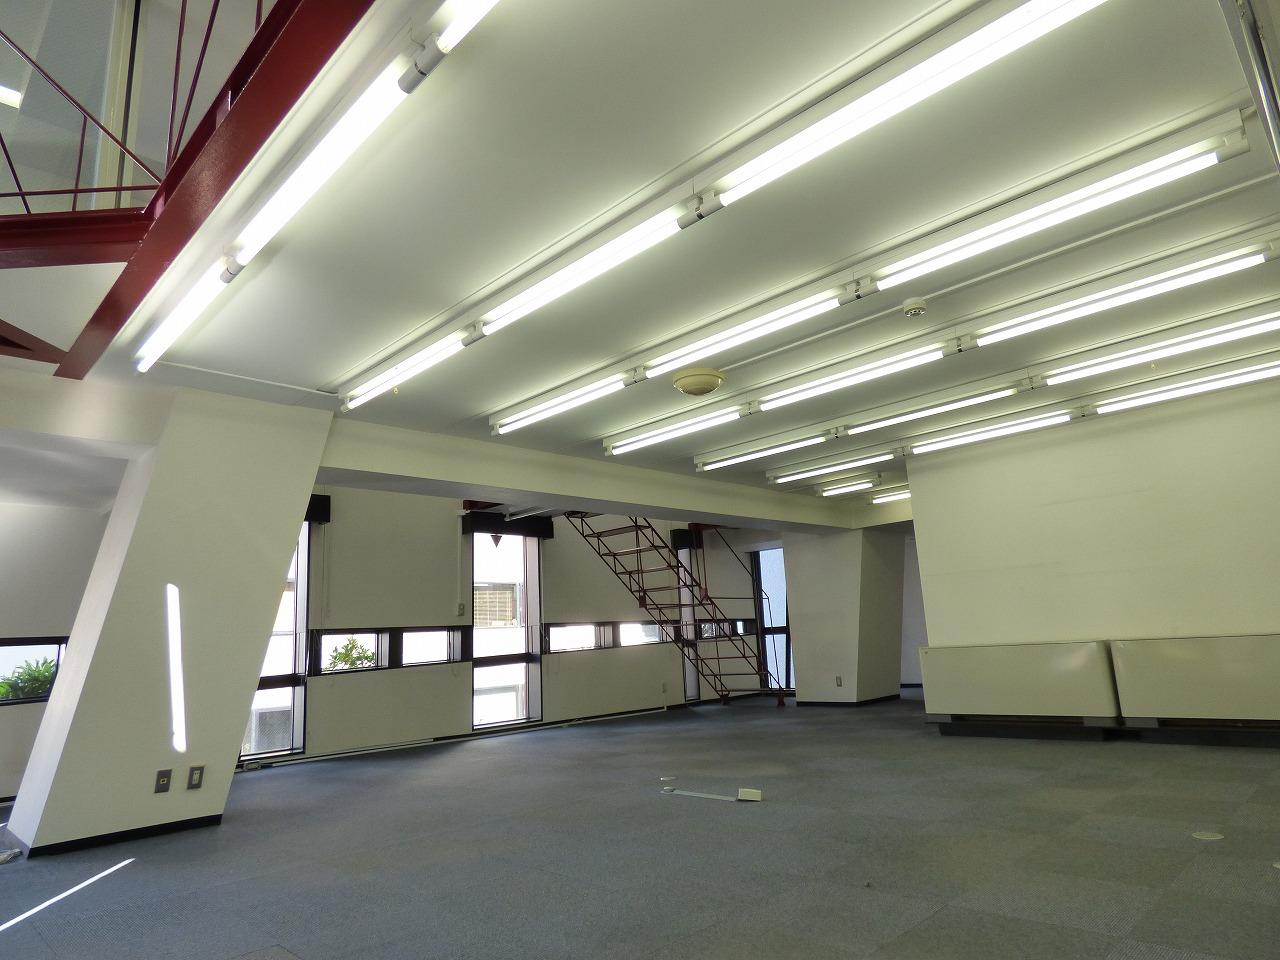 【メゾネット物件】デザイナーズオフィス♪<br>本町・心斎橋エリア約40坪で陽当たり良好